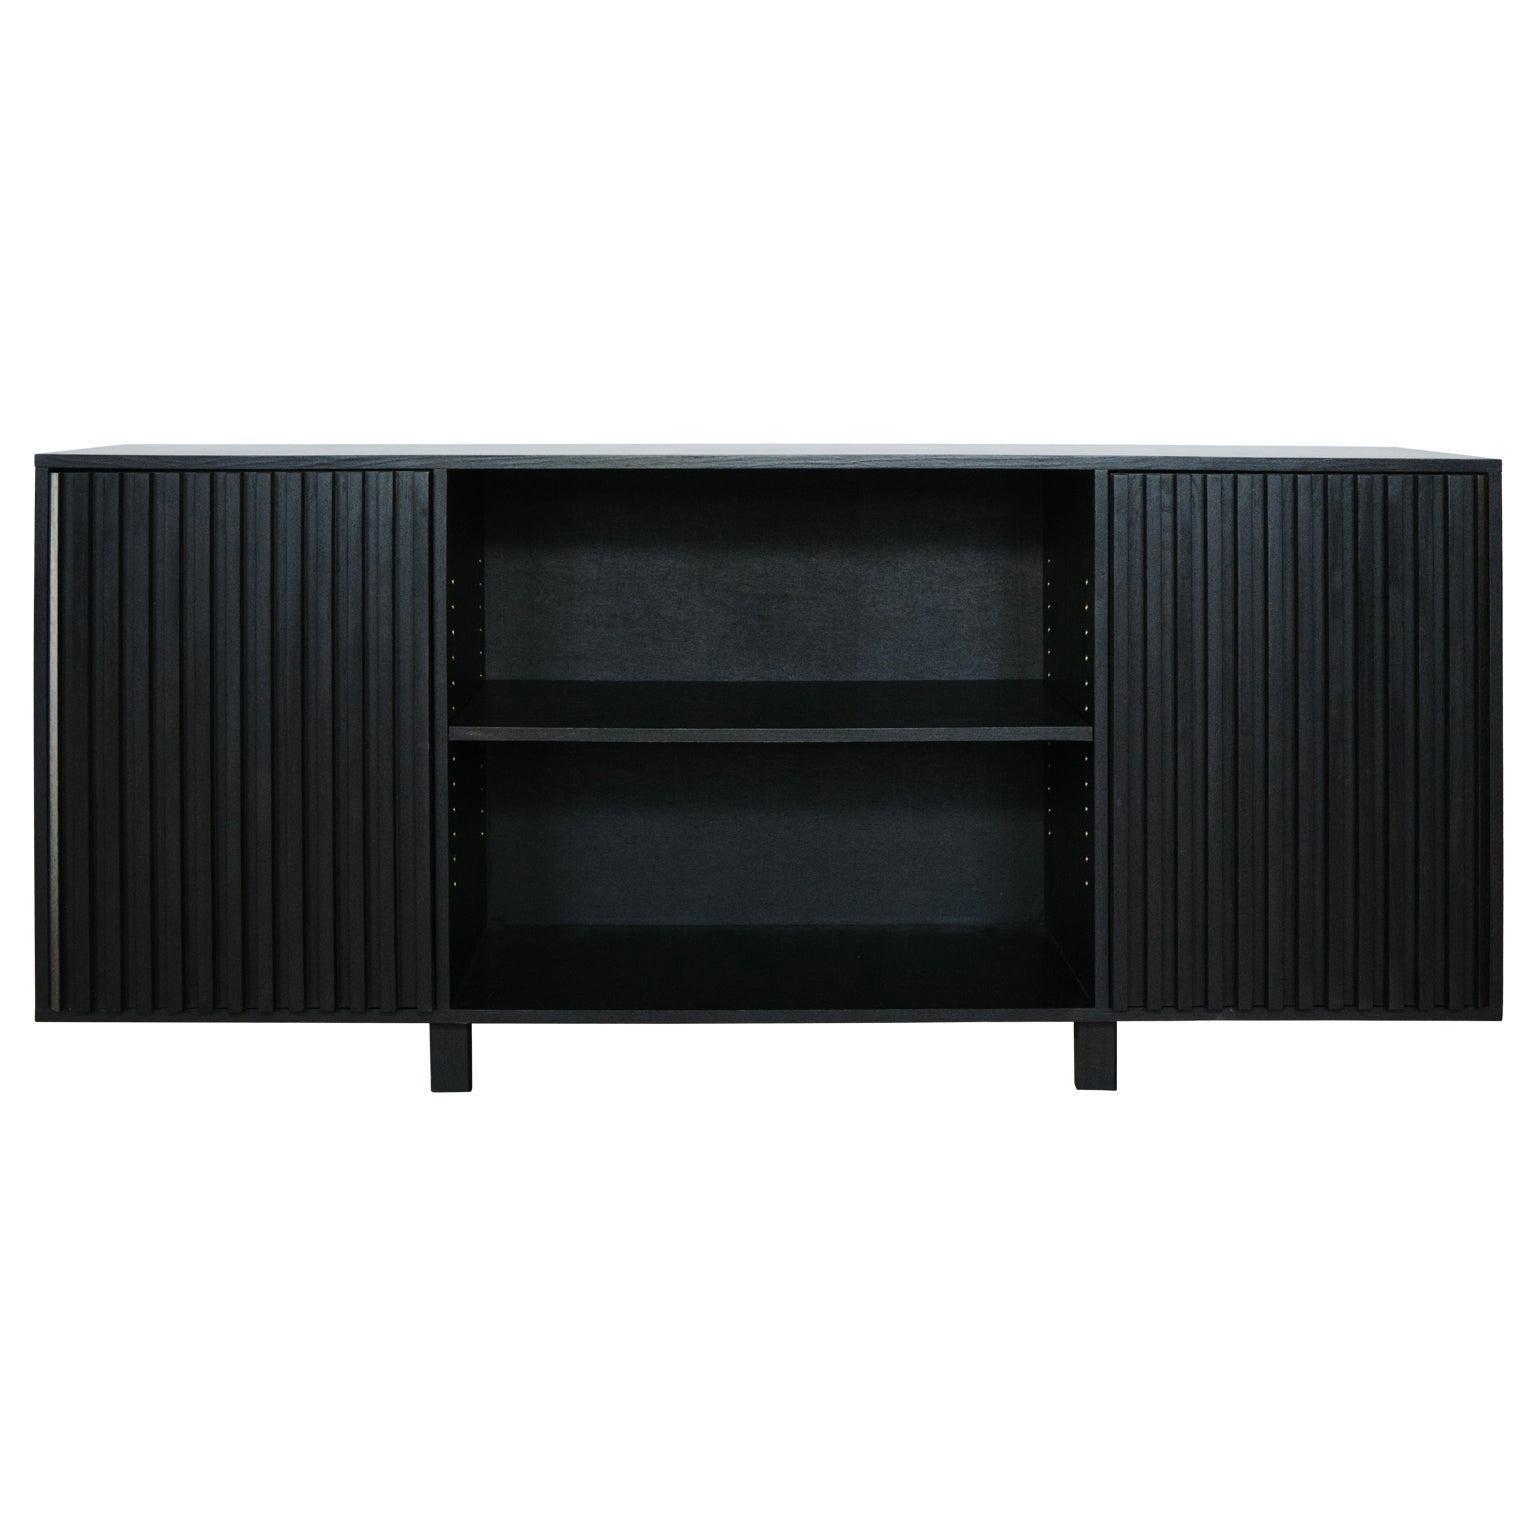 Avicenna Black Ebony Midcentury Style Credenza With Fluted Push Latch Doors